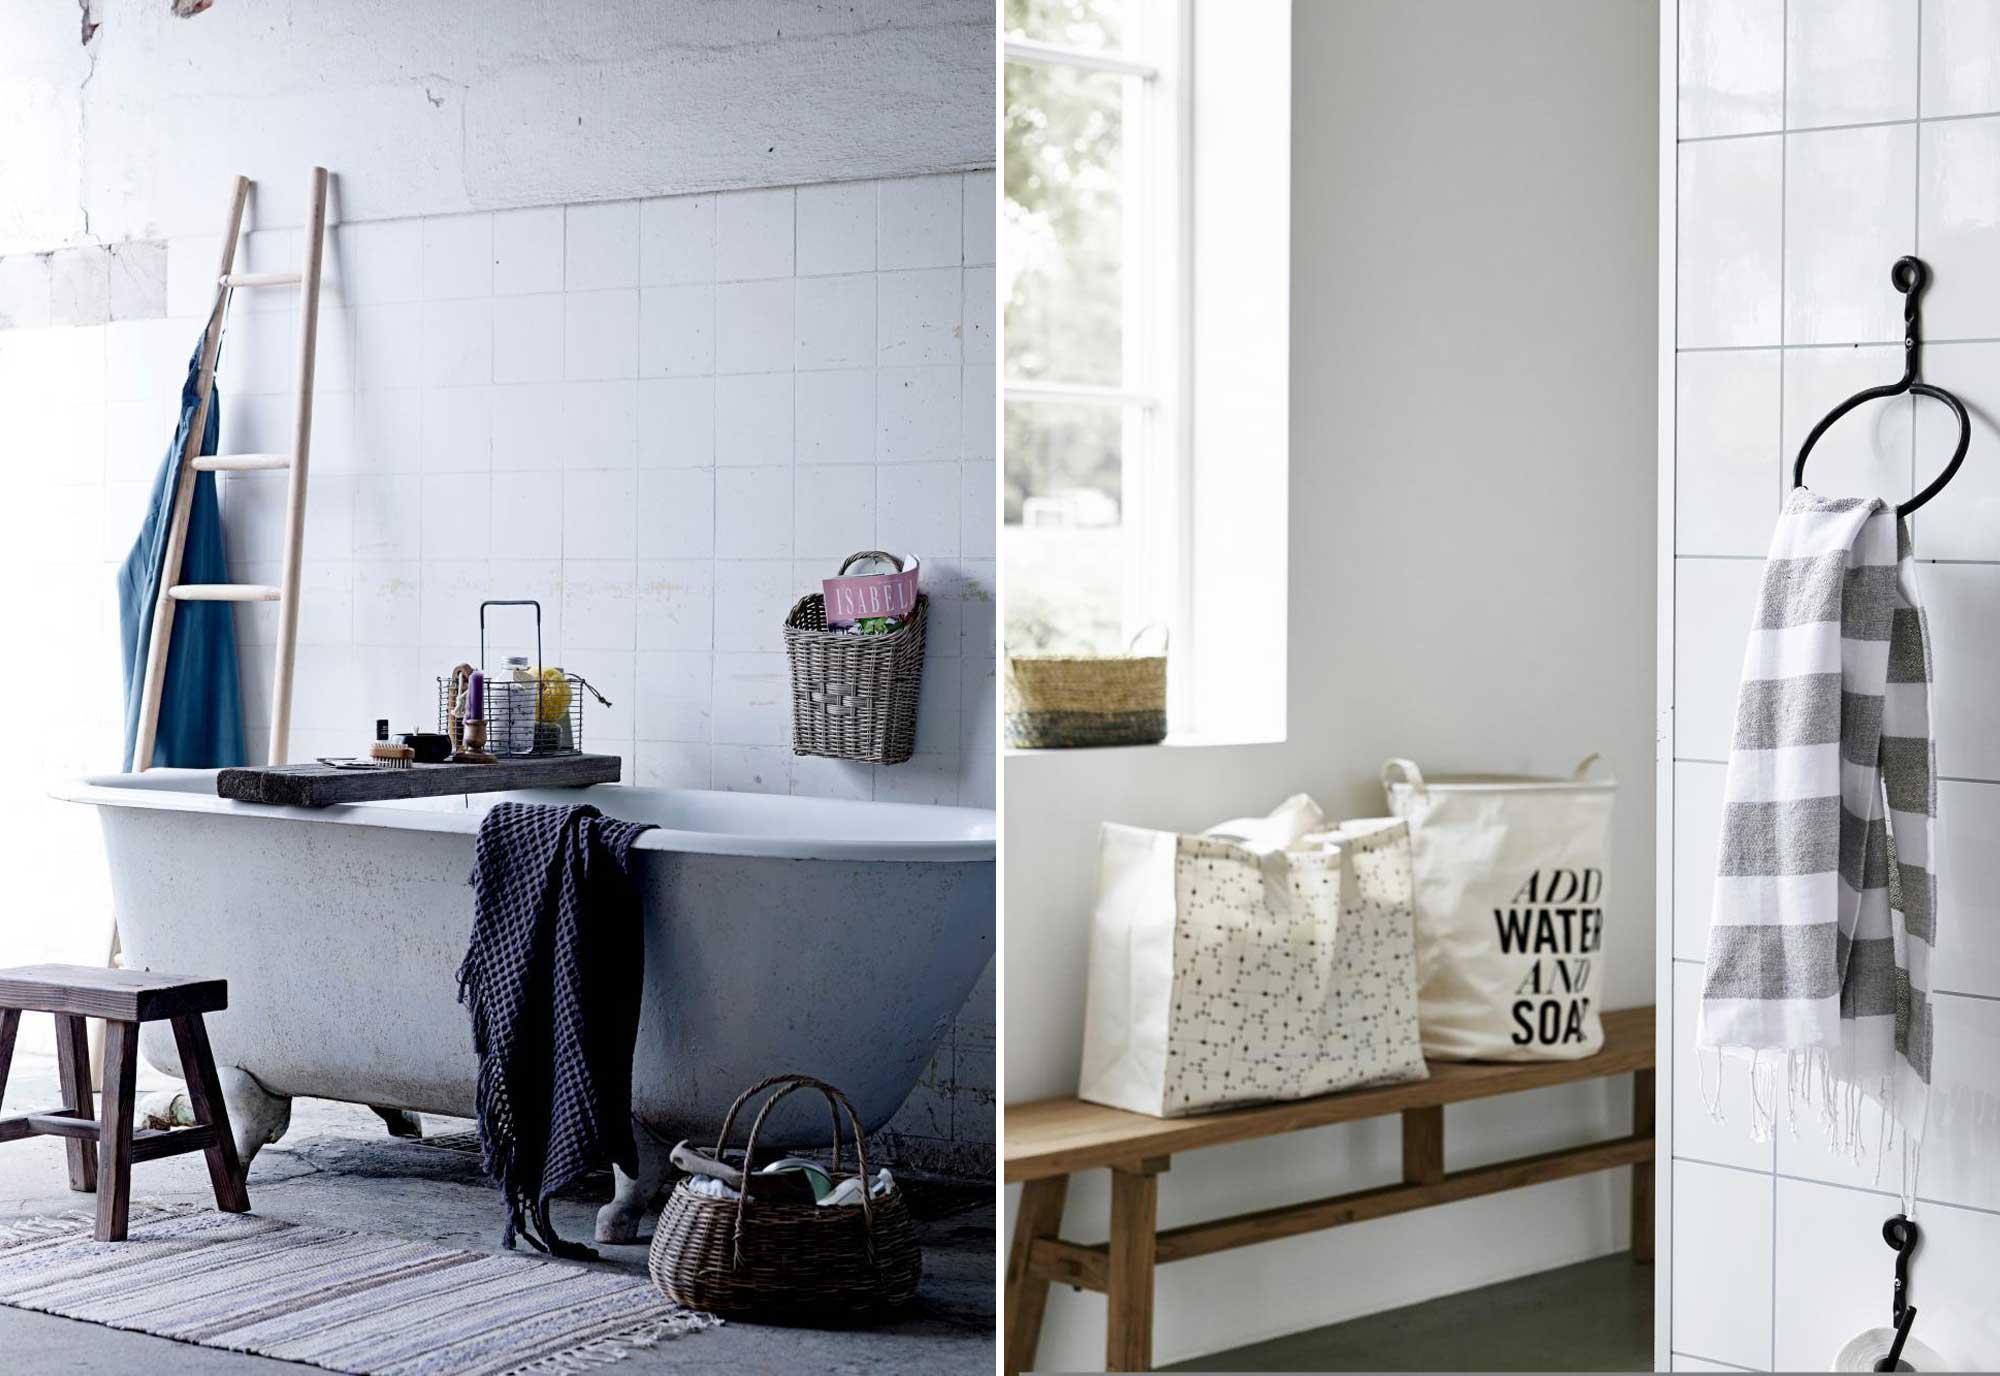 Handdoekenrek - Badkamer - Handdoek